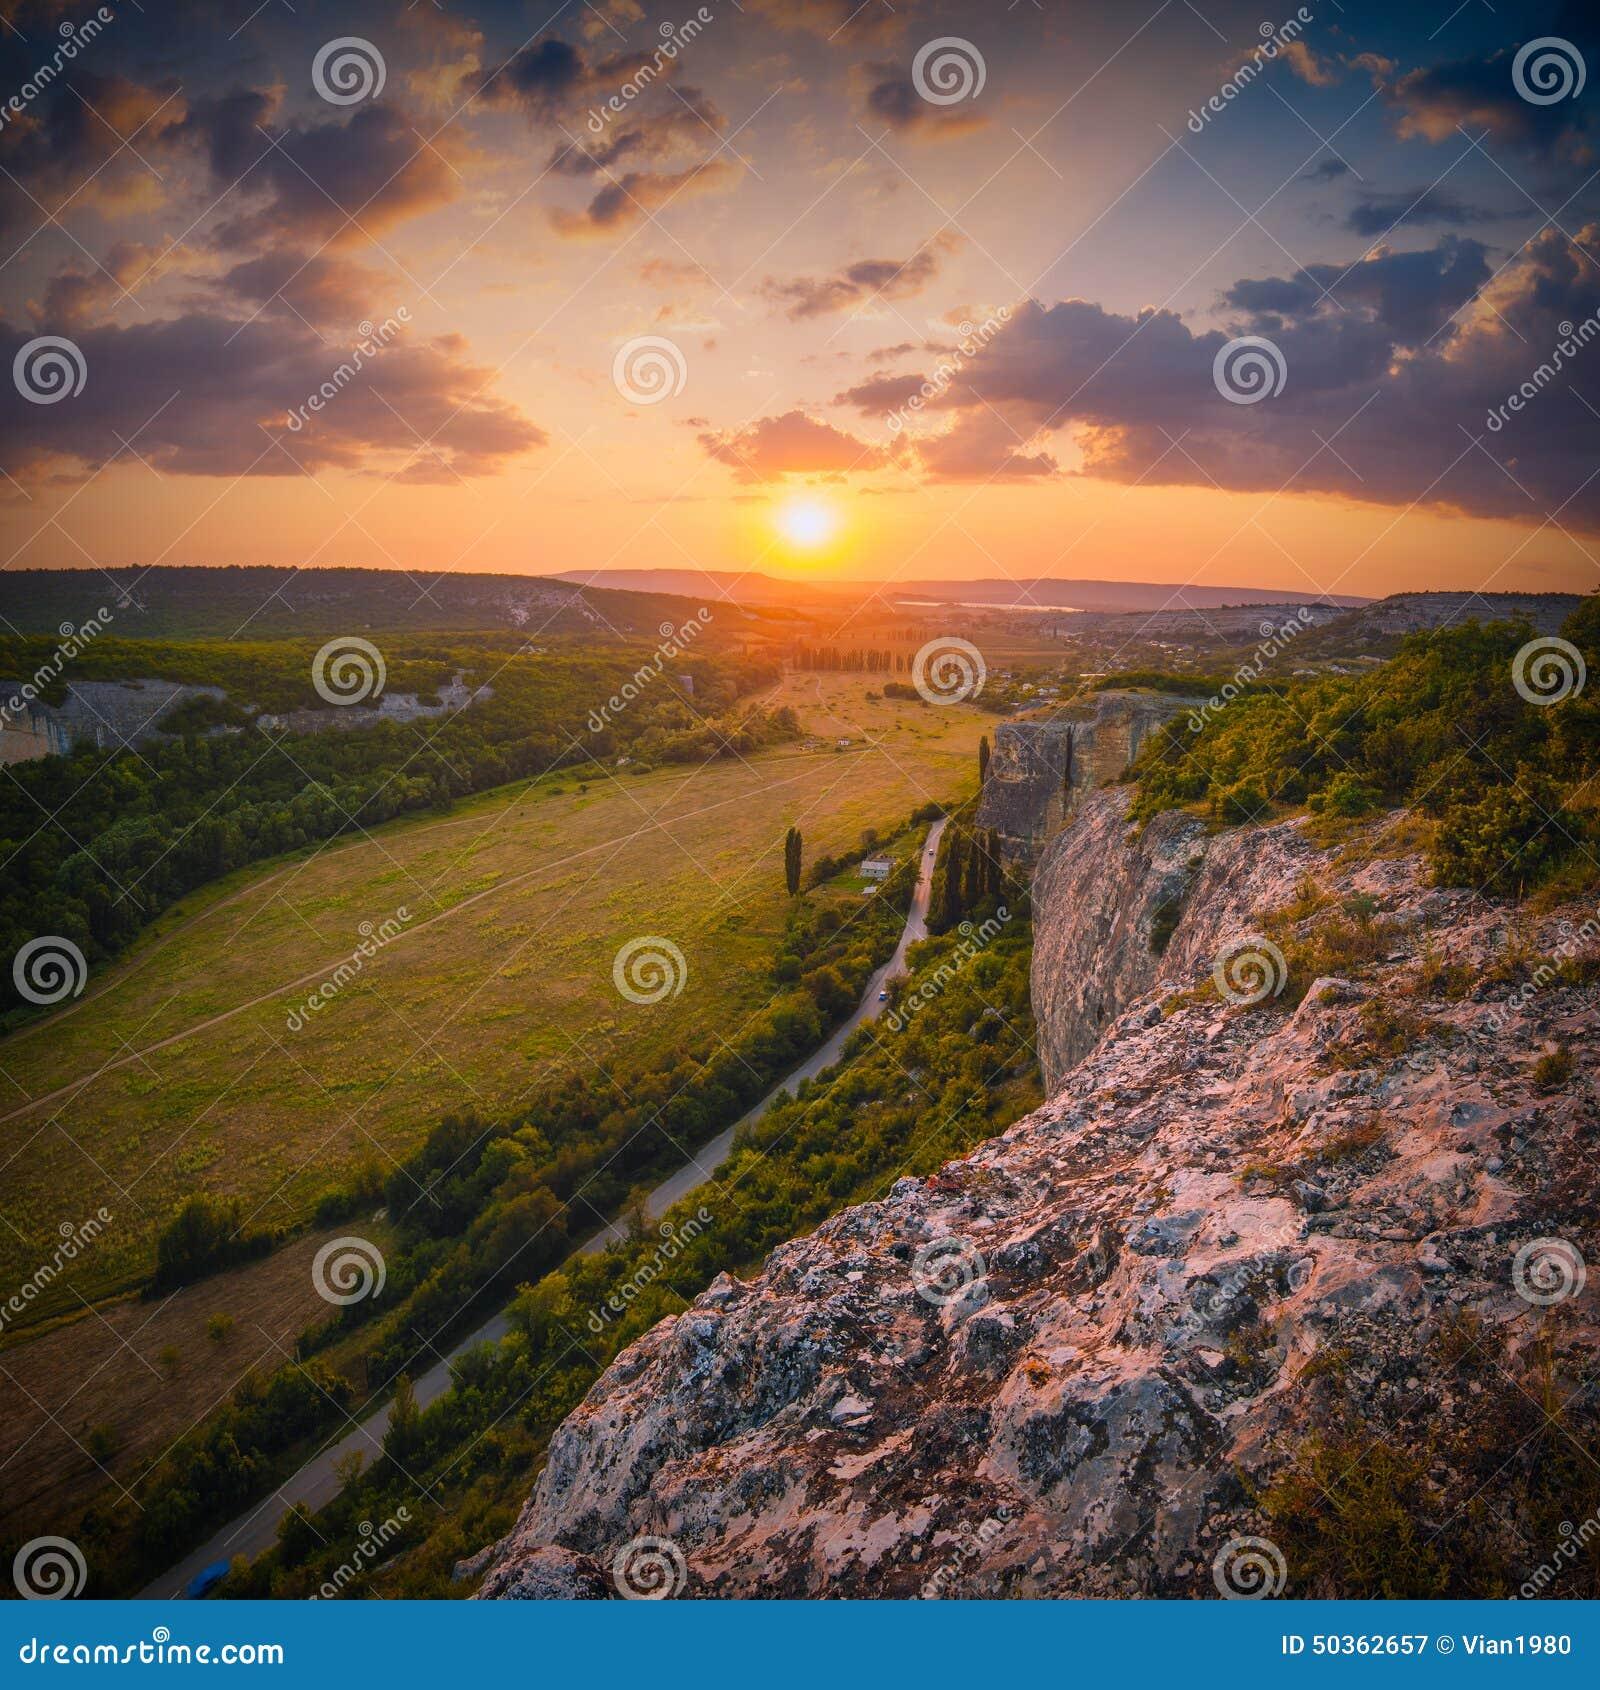 Kachi-Kalion sunset